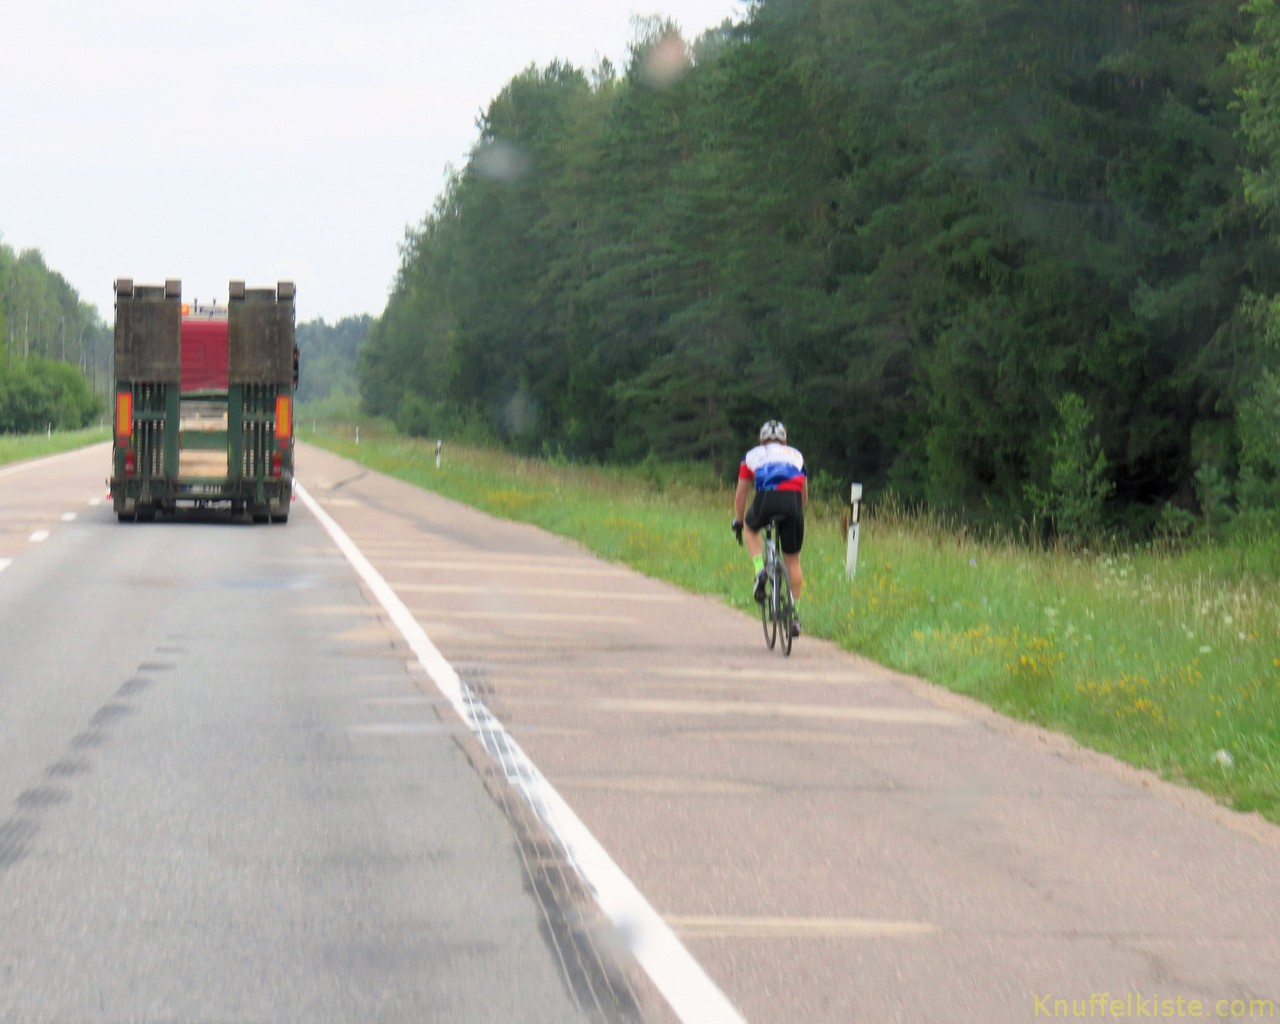 Autobahn mit Radfahrer!